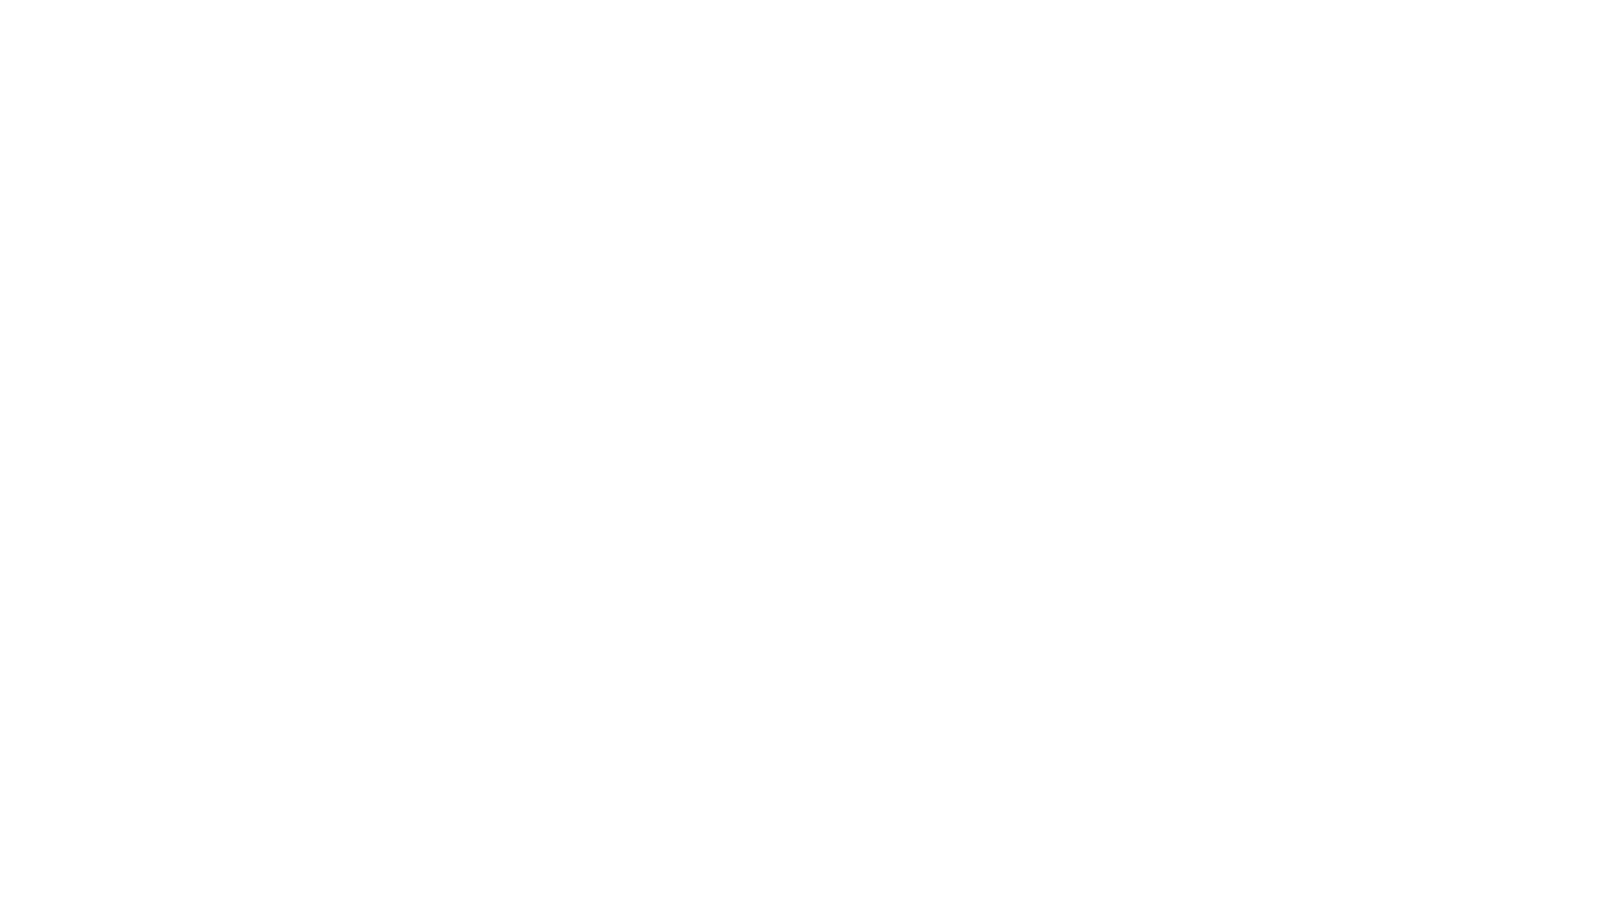 """برنامج """"دردشة"""": حلقة خاصة بعنوان: """"إخراج الشياطين""""  سنتحدث عن هل يمكن للشياطين ان تسكن جسم انسان ، هل يمكن ان يؤثر الشيطان على حياة المؤمن؟ . اليوم  18/أكتوبر/2021ـ- بث مباشر من قناة الكلمة اليوم الثلاثاء 3 مساء بتوقيت نيوجيرسي والساعة 9 مساء بتوقيت مصر والساعة 6 صباحا اليوم التالي بتوقيت أستراليا. ... لو لديك سؤال او طلبة صلاة من فضلك أكتب سؤالك او طلبتك - في حالة كتابته اثناء الحلقة سيرد عليه اثناء الحلقة على الهواء    Twitter: https://twitter.com/alkalematv Website: http://www.alkalema.tv/  Youtube: https://www.youtube.com/revasaad Instagram: https://www.instagram.com/alkalematv/... Sound Cloud: https://soundcloud.com/rev-nabil-asaa... Apps (Apple & Android): Alkaleamatv"""